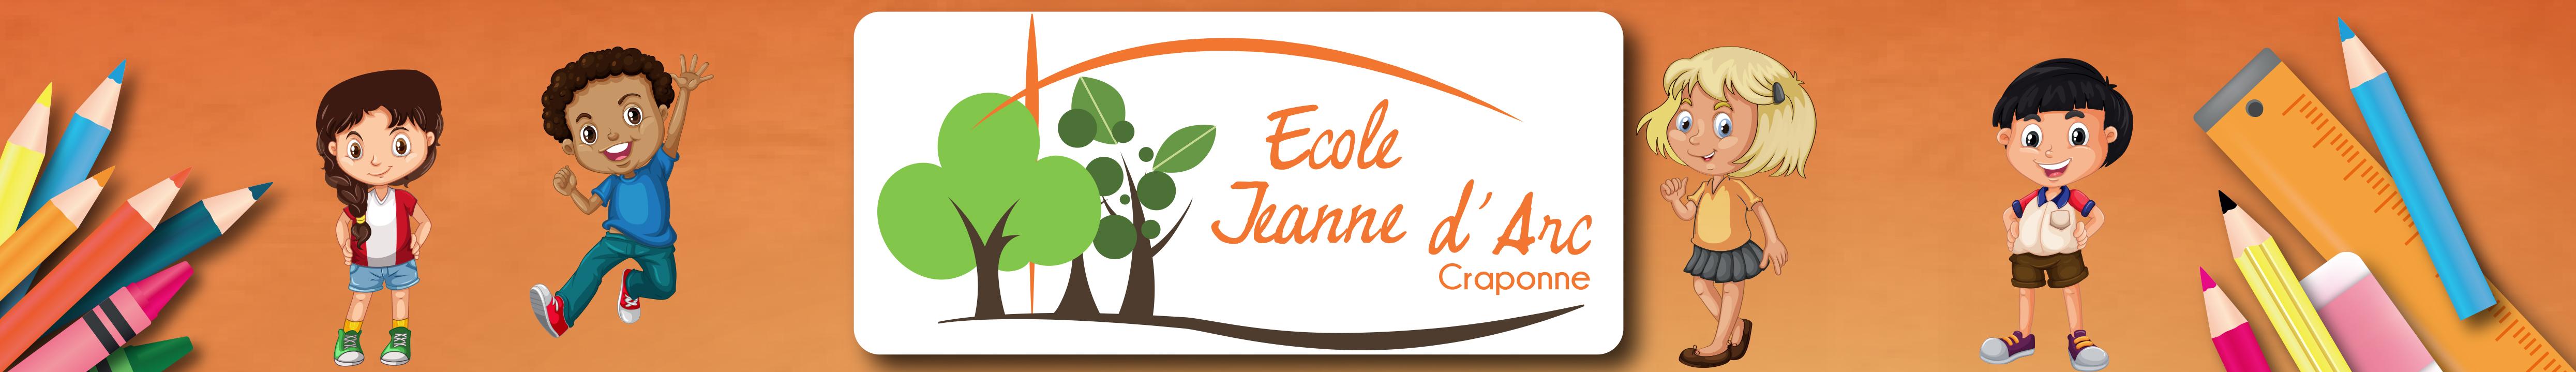 Ecole primaire Jeanne d'Arc (classes maternelles et élémentaires) – Craponne